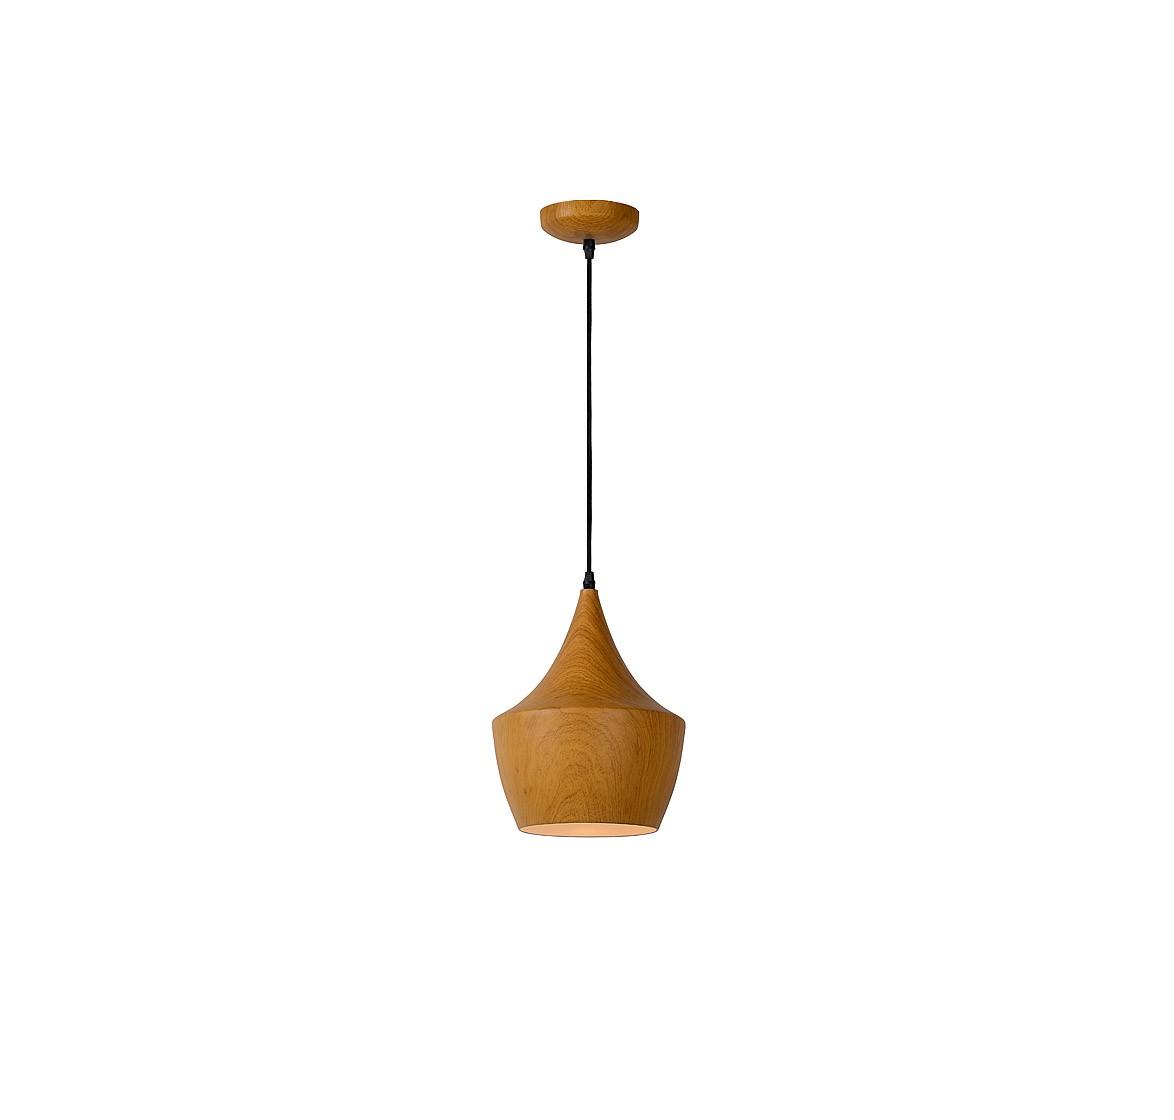 Подвесной светильник WOODYПодвесные светильники<br>основание: металл/принт дерева<br>плафон: металл/принт дерева<br>диаметр: 24 см<br>высота: 130 см<br>E27, 60W,1 лампочка (в комплект не входит)<br><br>Material: Металл<br>Height см: 130<br>Diameter см: 24